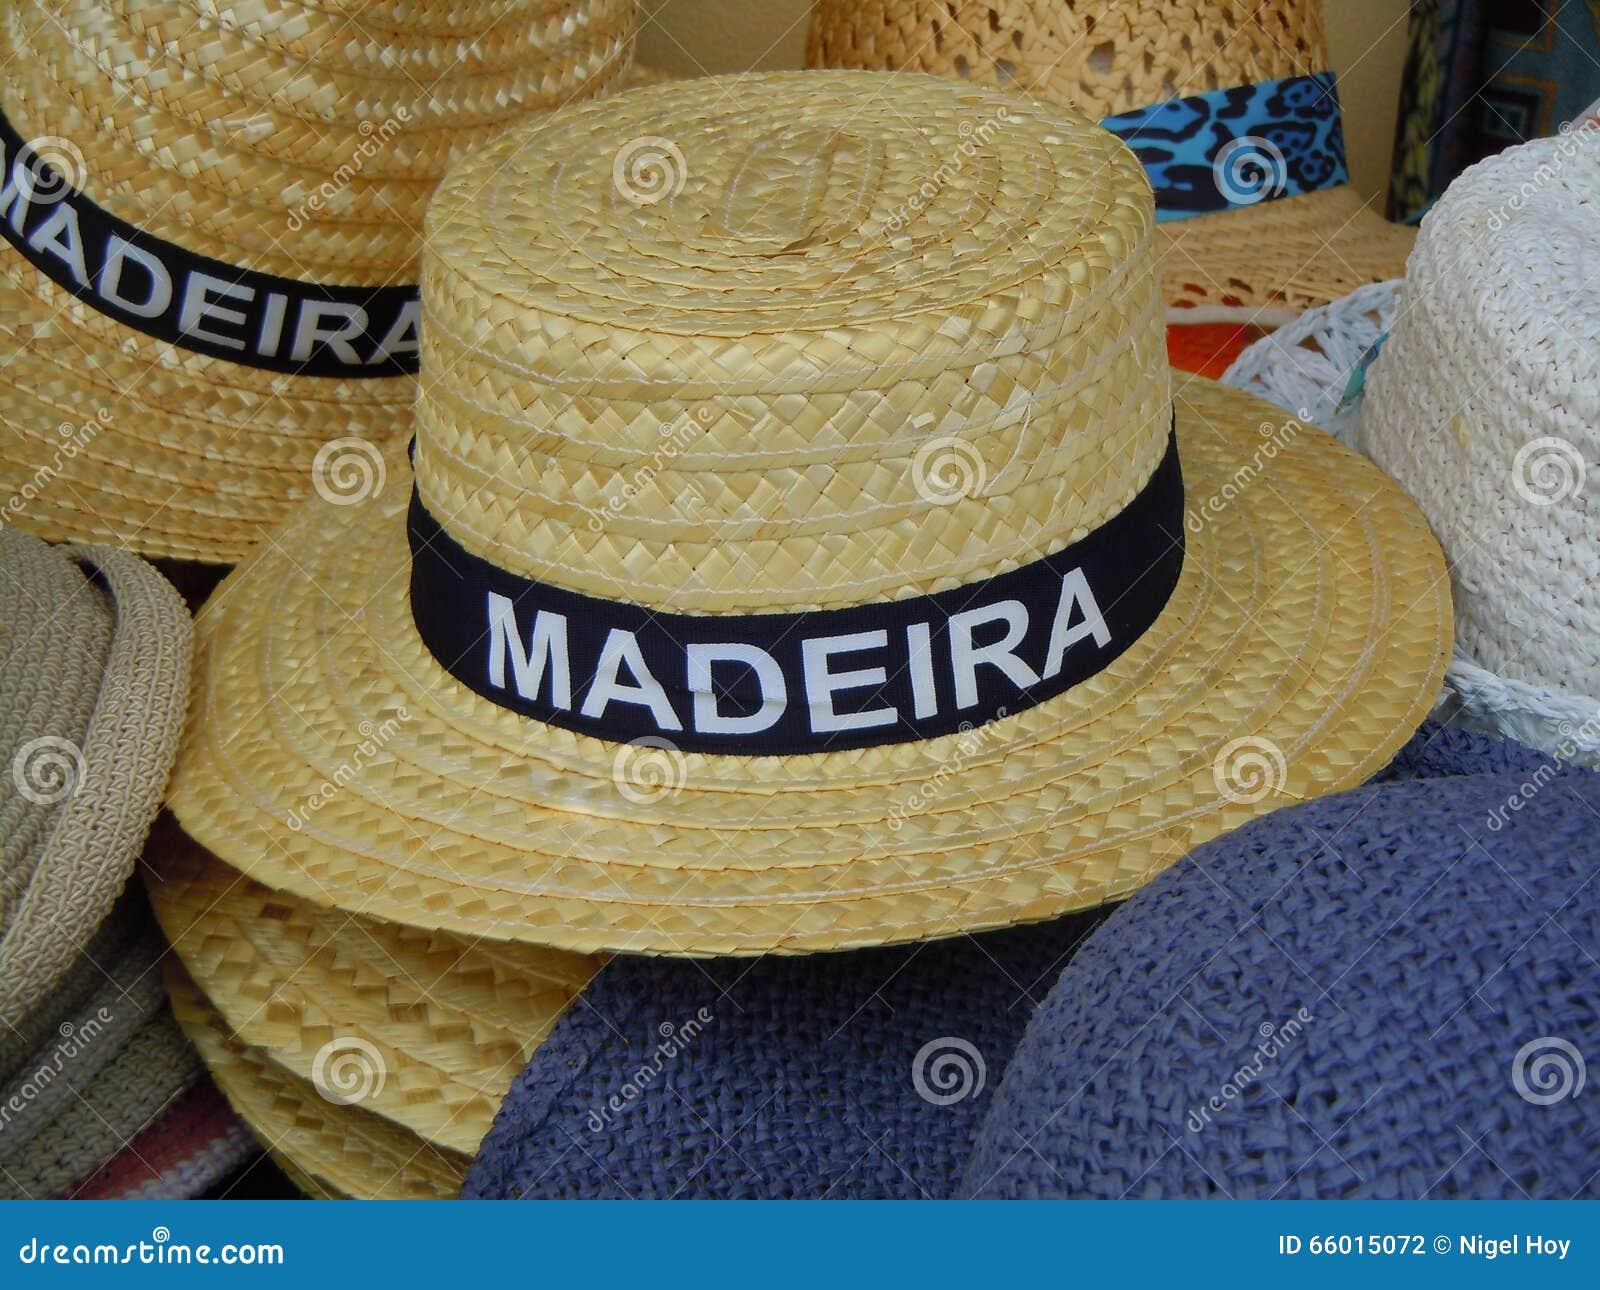 d6b1467199cb23 Tourist hats for sale stock photo. Image of souvenir - 66015072